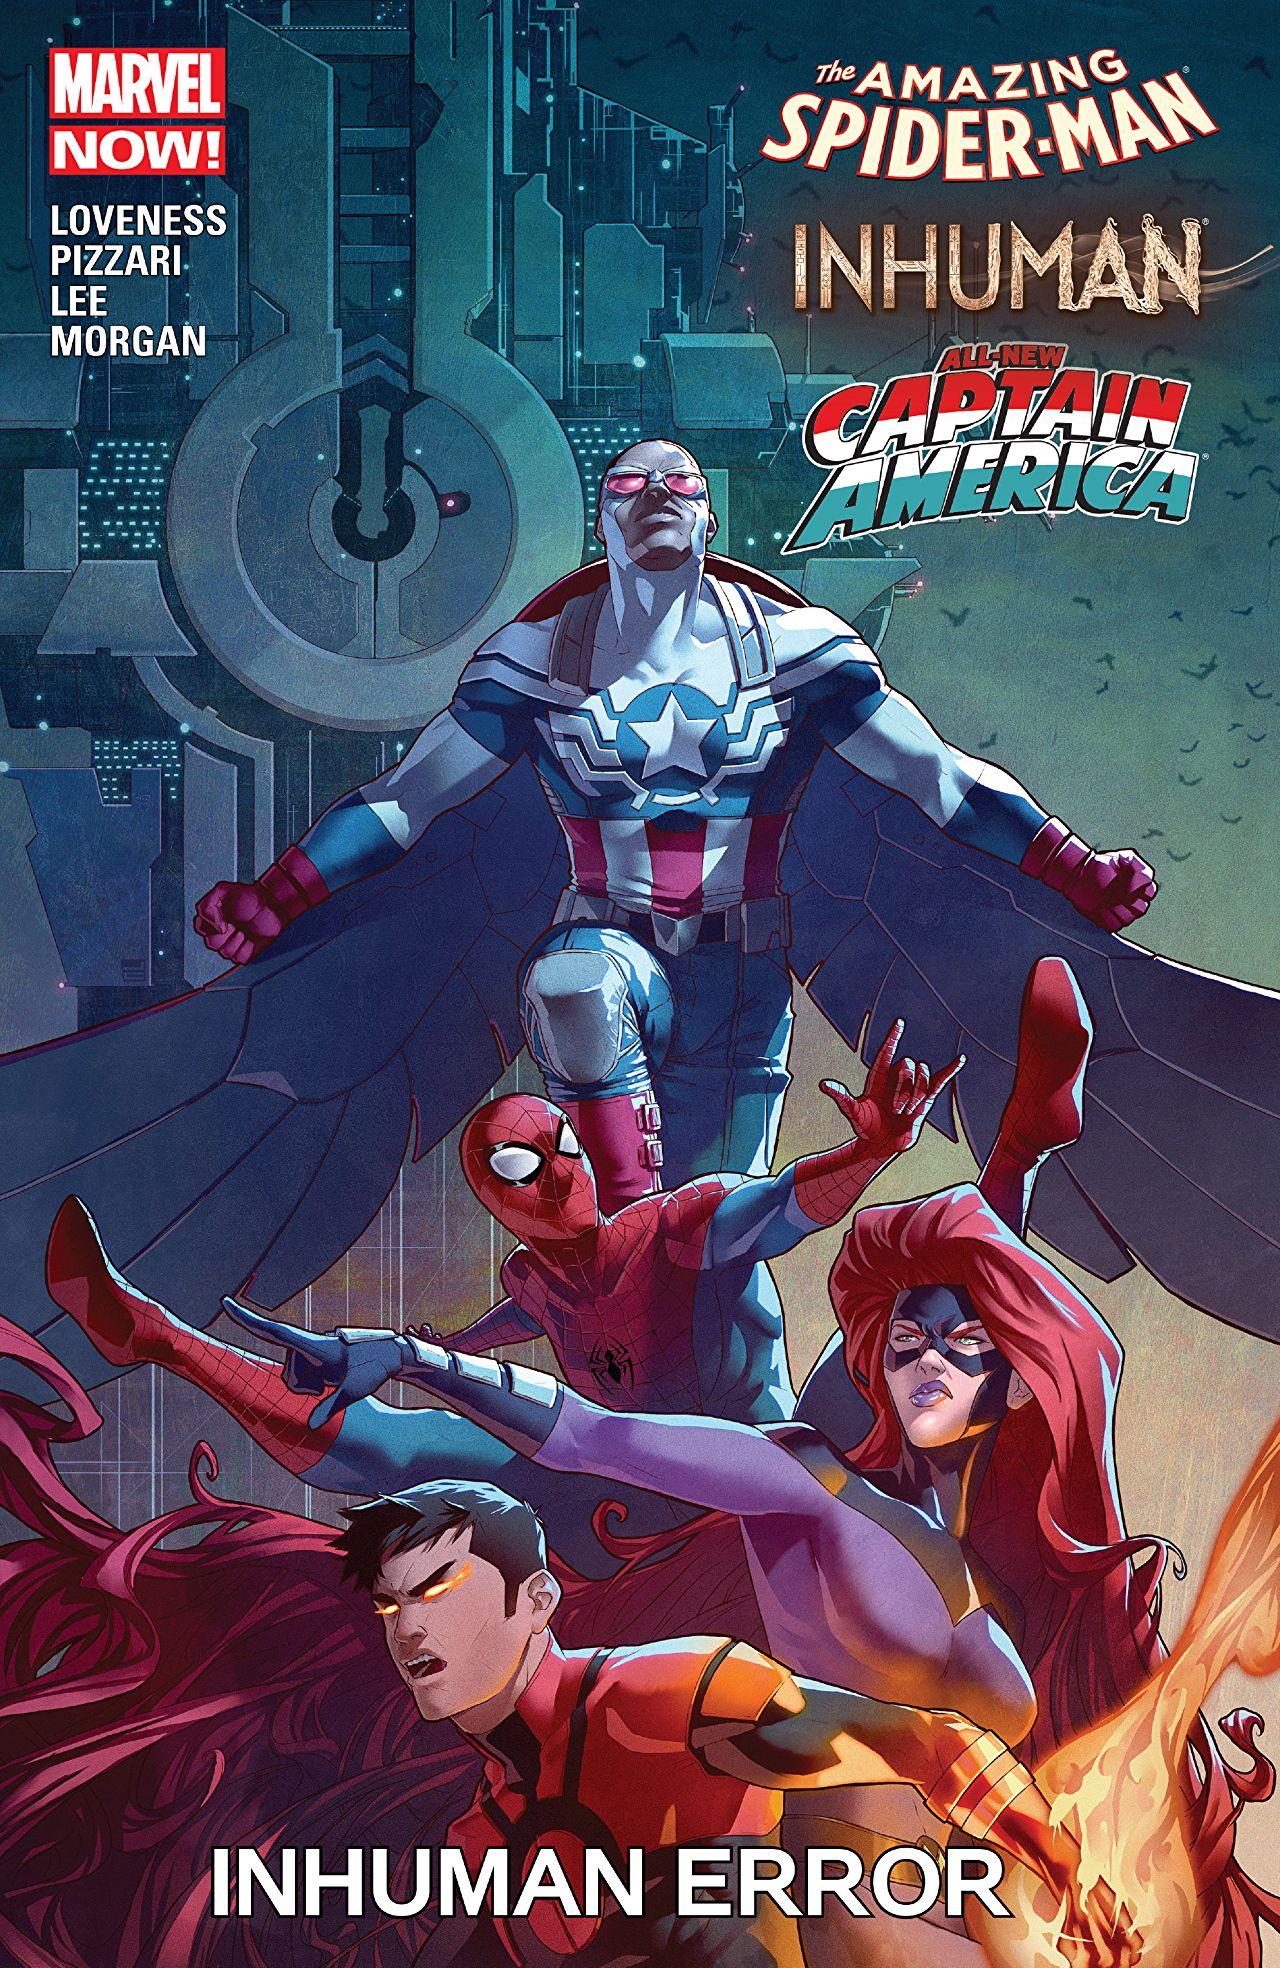 Amazing Spider-Man / Inhumans / All-New Captain America: Inhuman Error Vol 1 1